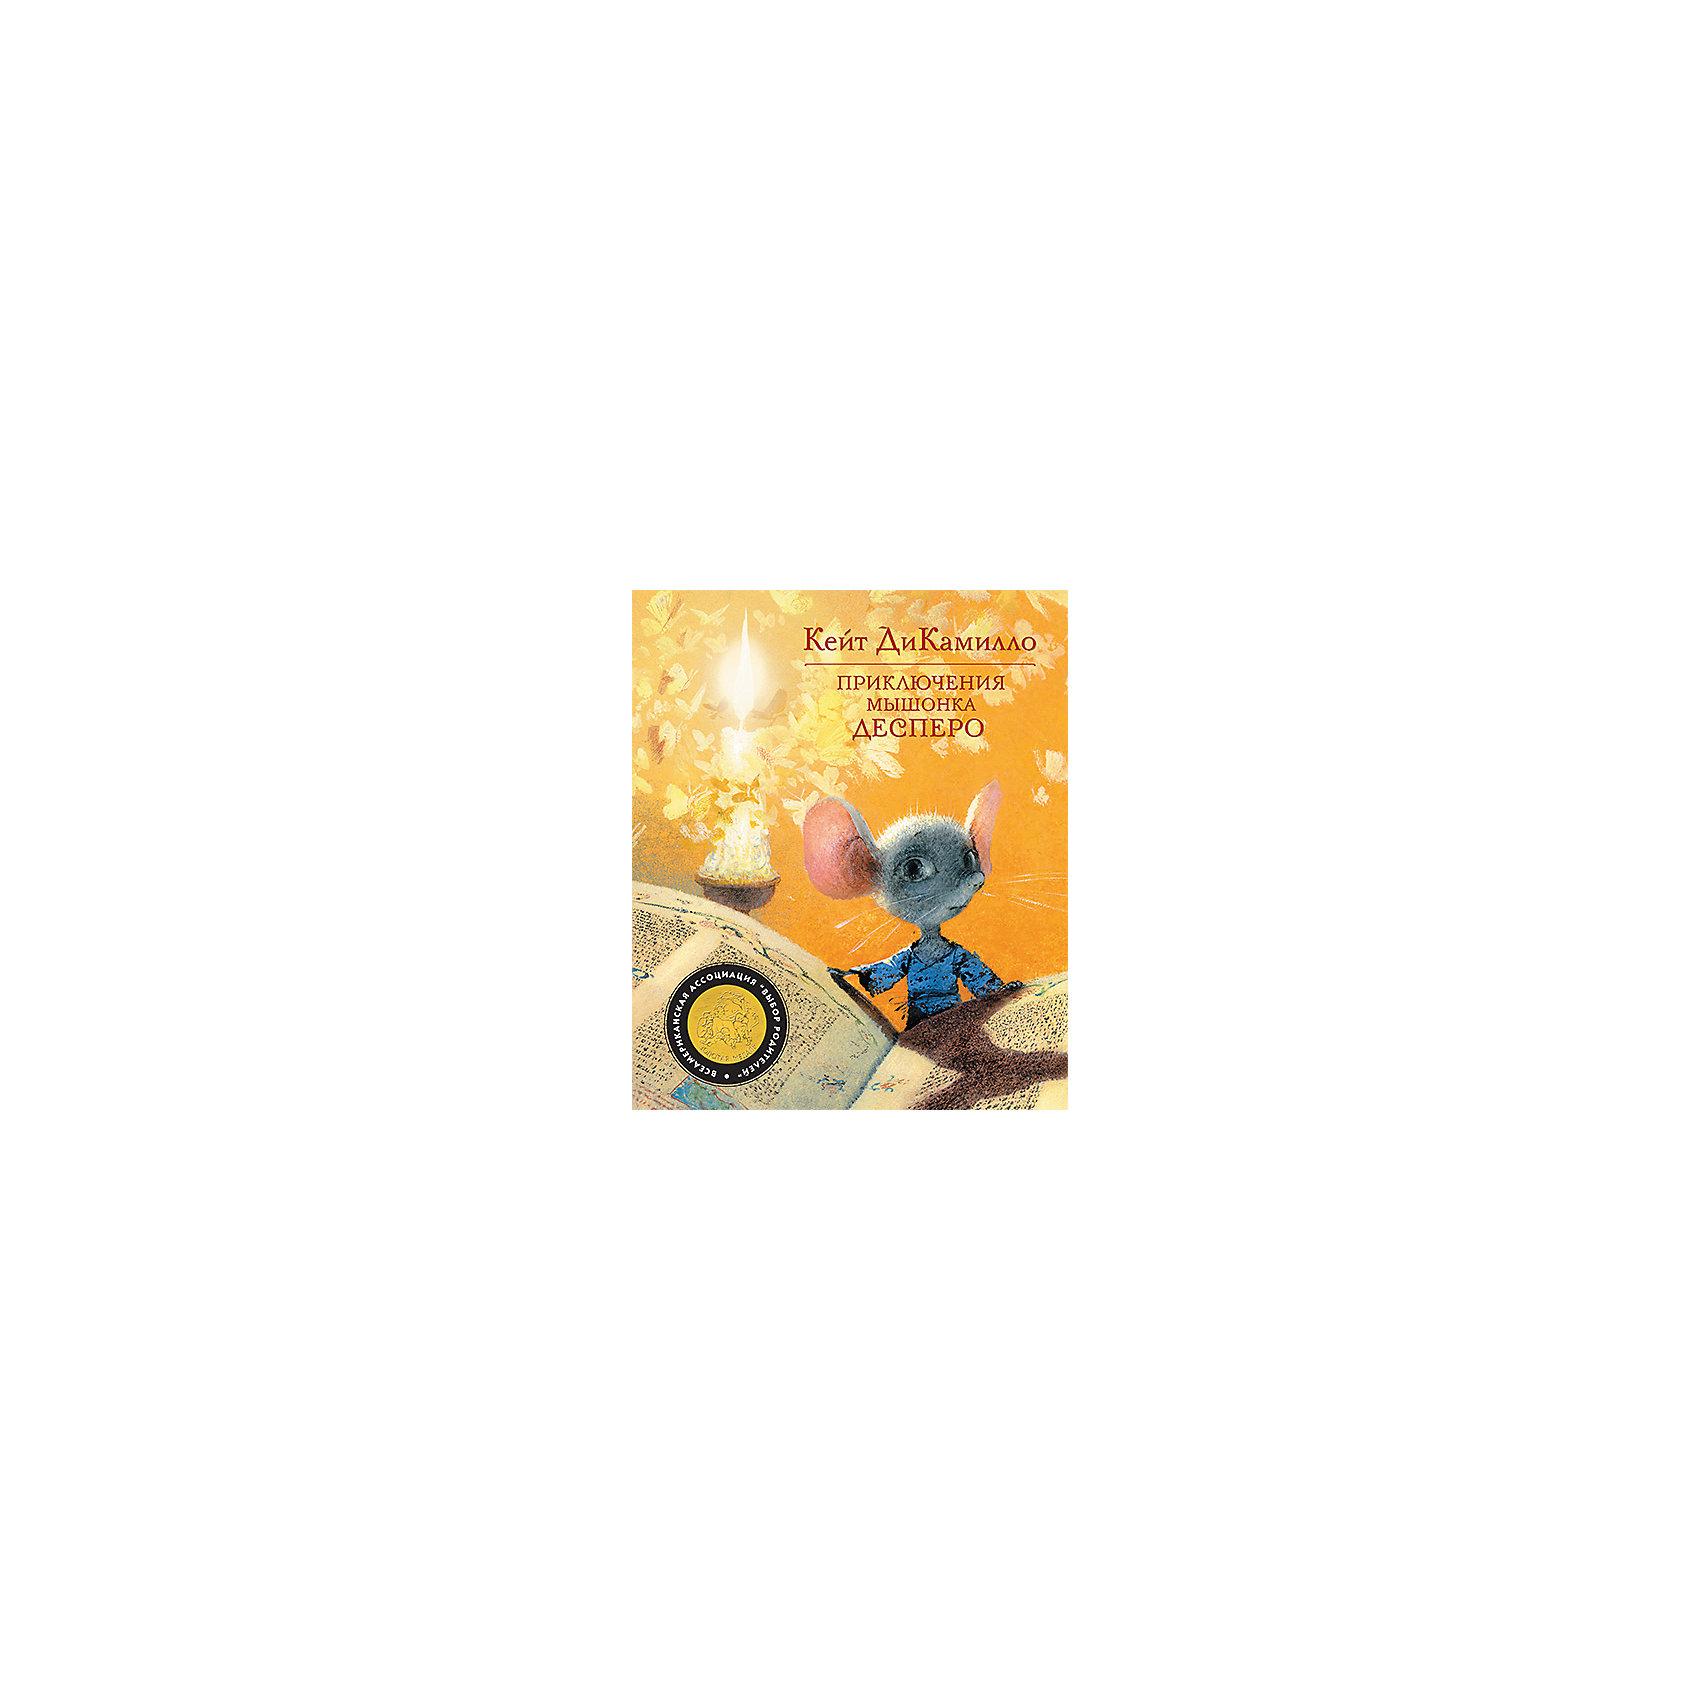 Приключения мышонка Десперо, Кейт ДиКамиллоЗарубежные сказки<br>Приключения мышонка Десперо, Махаон - увлекательная книга Кейт Ди Камило станет замечательным пополнением Вашей детской домашней библиотеки. В мышином семействе, обитающем в старинном королевском замке, родился мышонок по имени Десперо. В отличие от своих сородичей он обладал храбрым и благородным сердцем, а еще любил читать и слушать музыку. Однажды он увидел принцессу Горошинку и влюбился  в нее. А когда коварные крысы хитростью заманили принцессу в мрачное подземелье, Десперо, словно рыцарь в сияющих доспехах, спас ее от верной гибели. Красочные, оригинальные иллюстрации и великолепный перевод сделали эту книгу незабываемой для маленьких читателей.<br><br>Дополнительная информация:<br><br>- Автор: Кейт Ди Камило.<br>- Серия: ДиКамилло. <br>- Переплет: твердая обложка. <br>- Иллюстрации: цветные.<br>- Объем: 208 стр.<br>- Размер: 19,5 x 23,5 см.<br>- Вес: 0,65 кг.<br><br>Книгу Приключения мышонка Десперо, Махаон, можно купить в нашем интернет-магазине.<br><br>Ширина мм: 235<br>Глубина мм: 195<br>Высота мм: 12<br>Вес г: 650<br>Возраст от месяцев: 84<br>Возраст до месяцев: 120<br>Пол: Унисекс<br>Возраст: Детский<br>SKU: 3922123